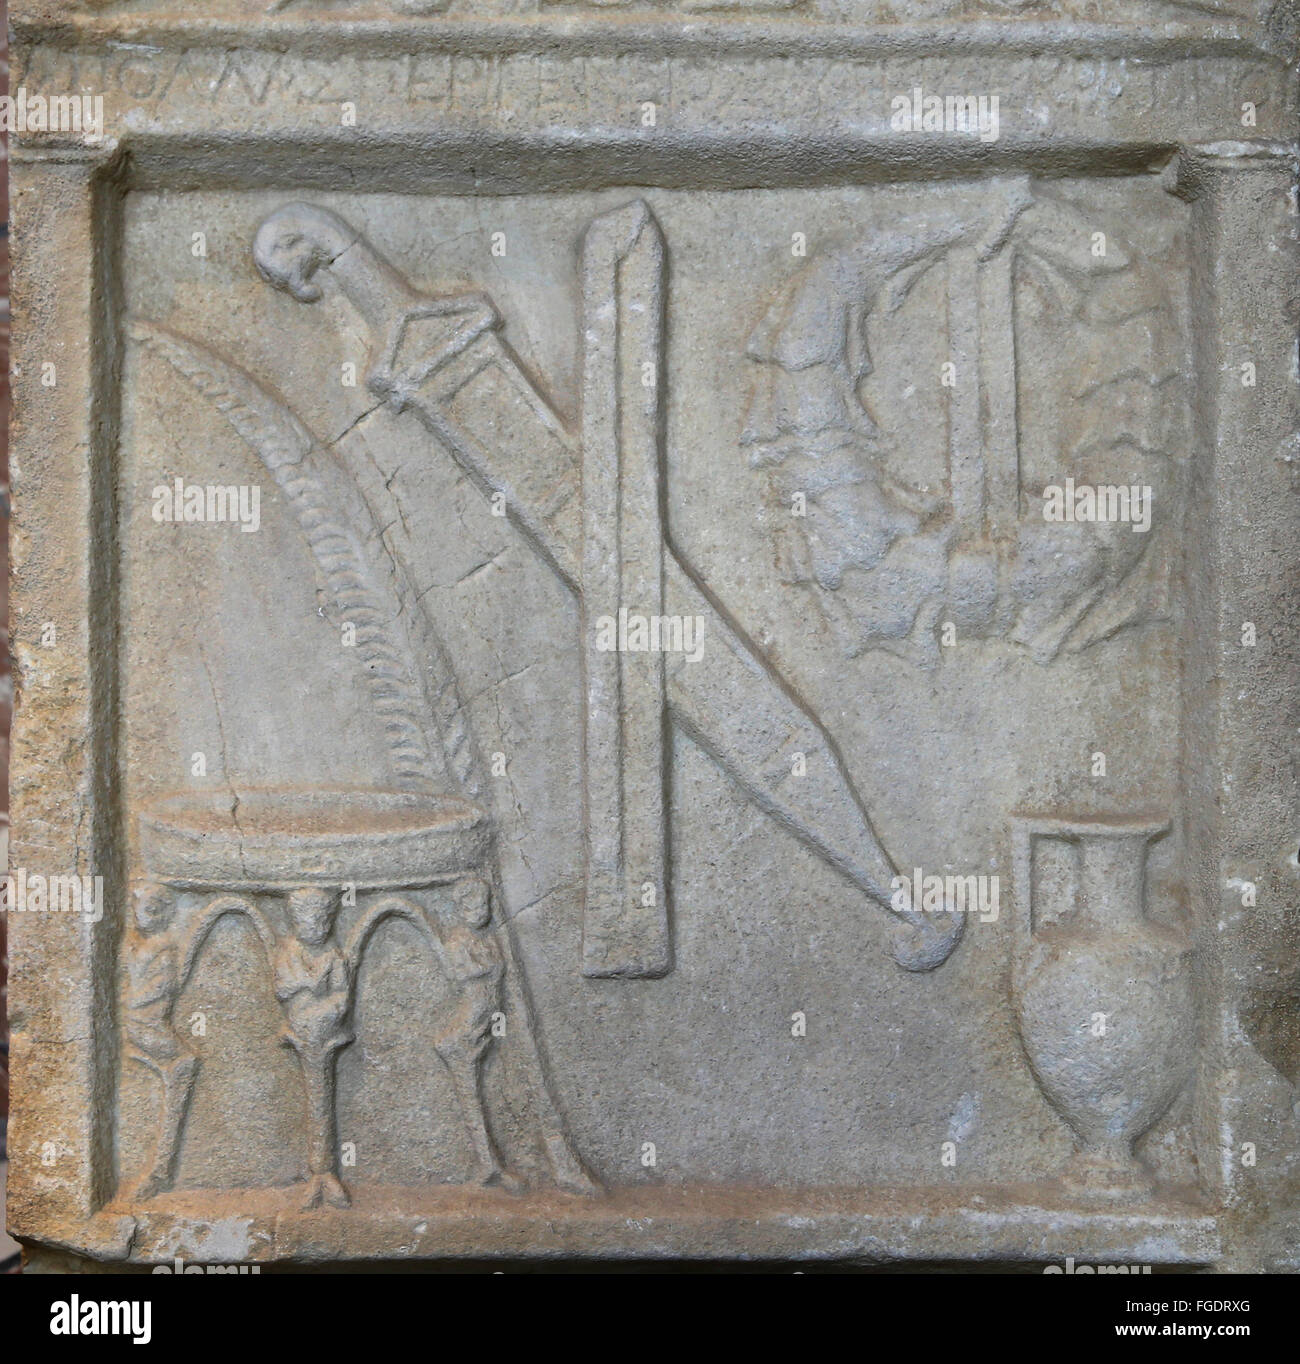 L'art grec stèle. Le soulagement de divers objets: trépied, palm, épée, élingue, Photo Stock